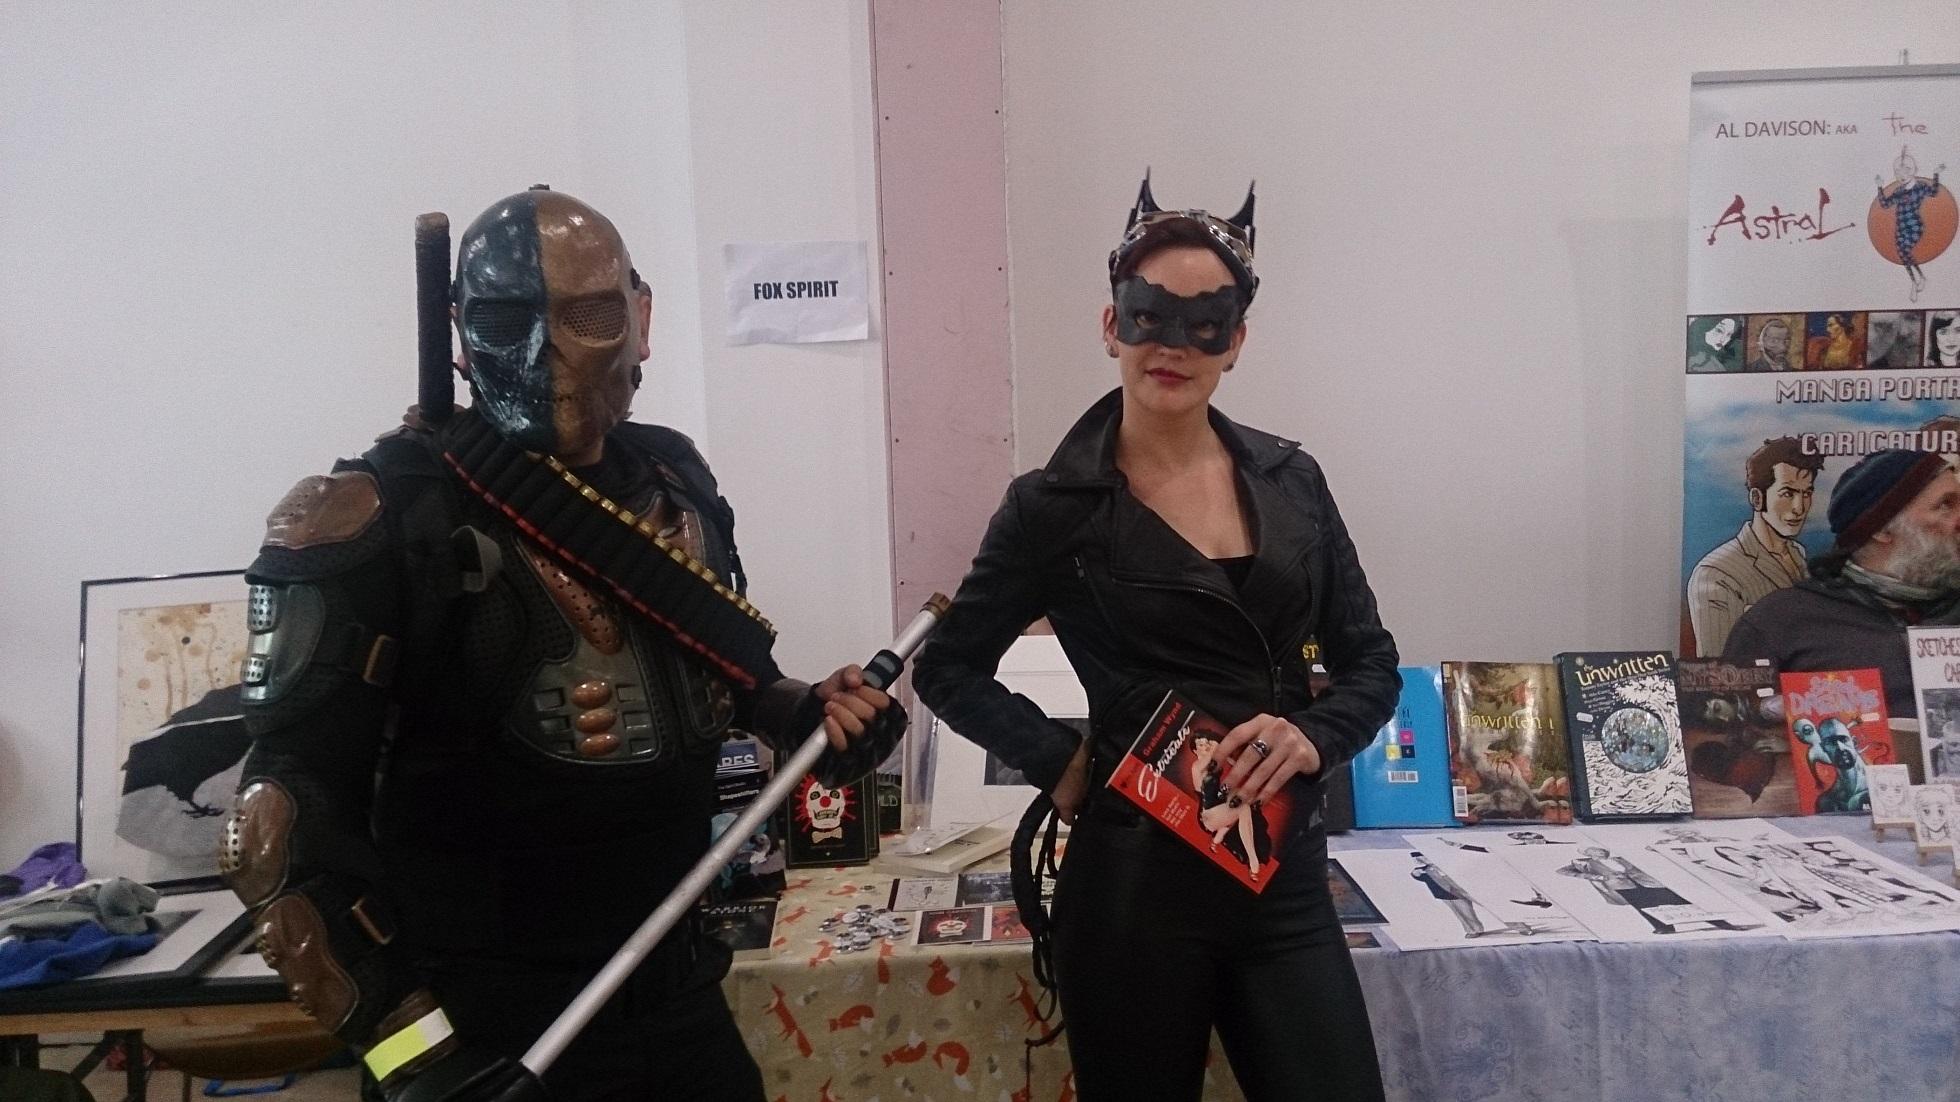 Leicester Comic Con 2014